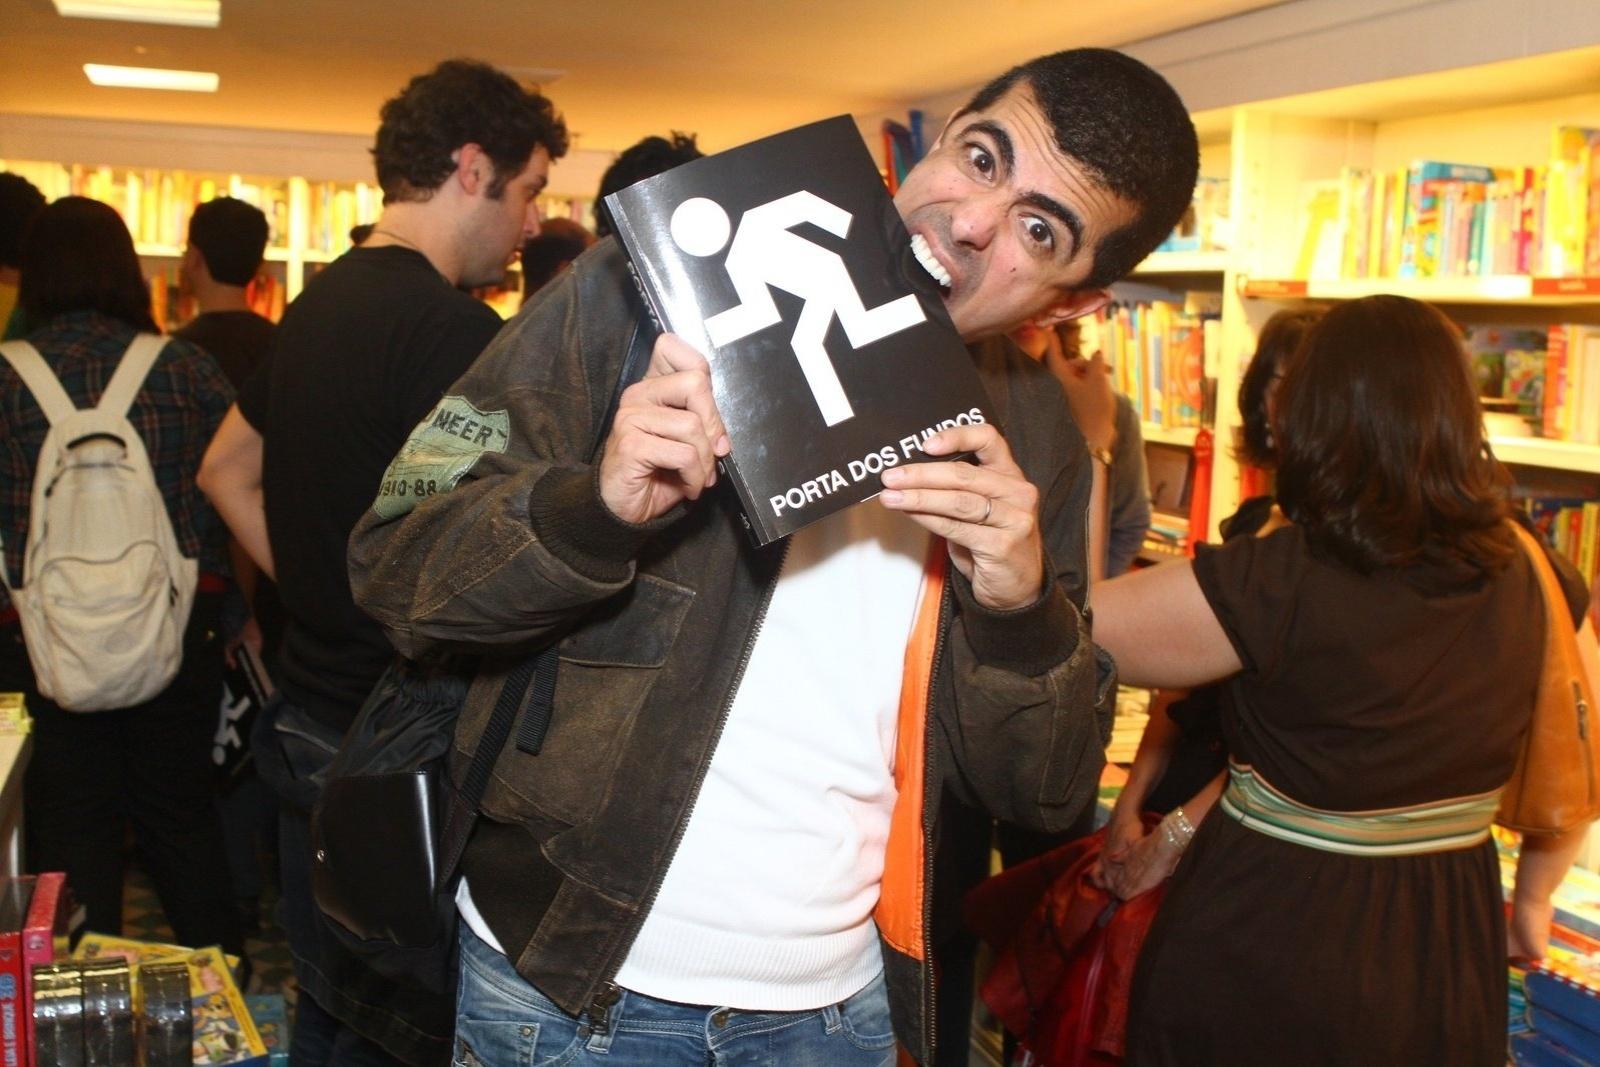 8.ago.2013 - O ator Marcius Melhem faz graça com o livro do